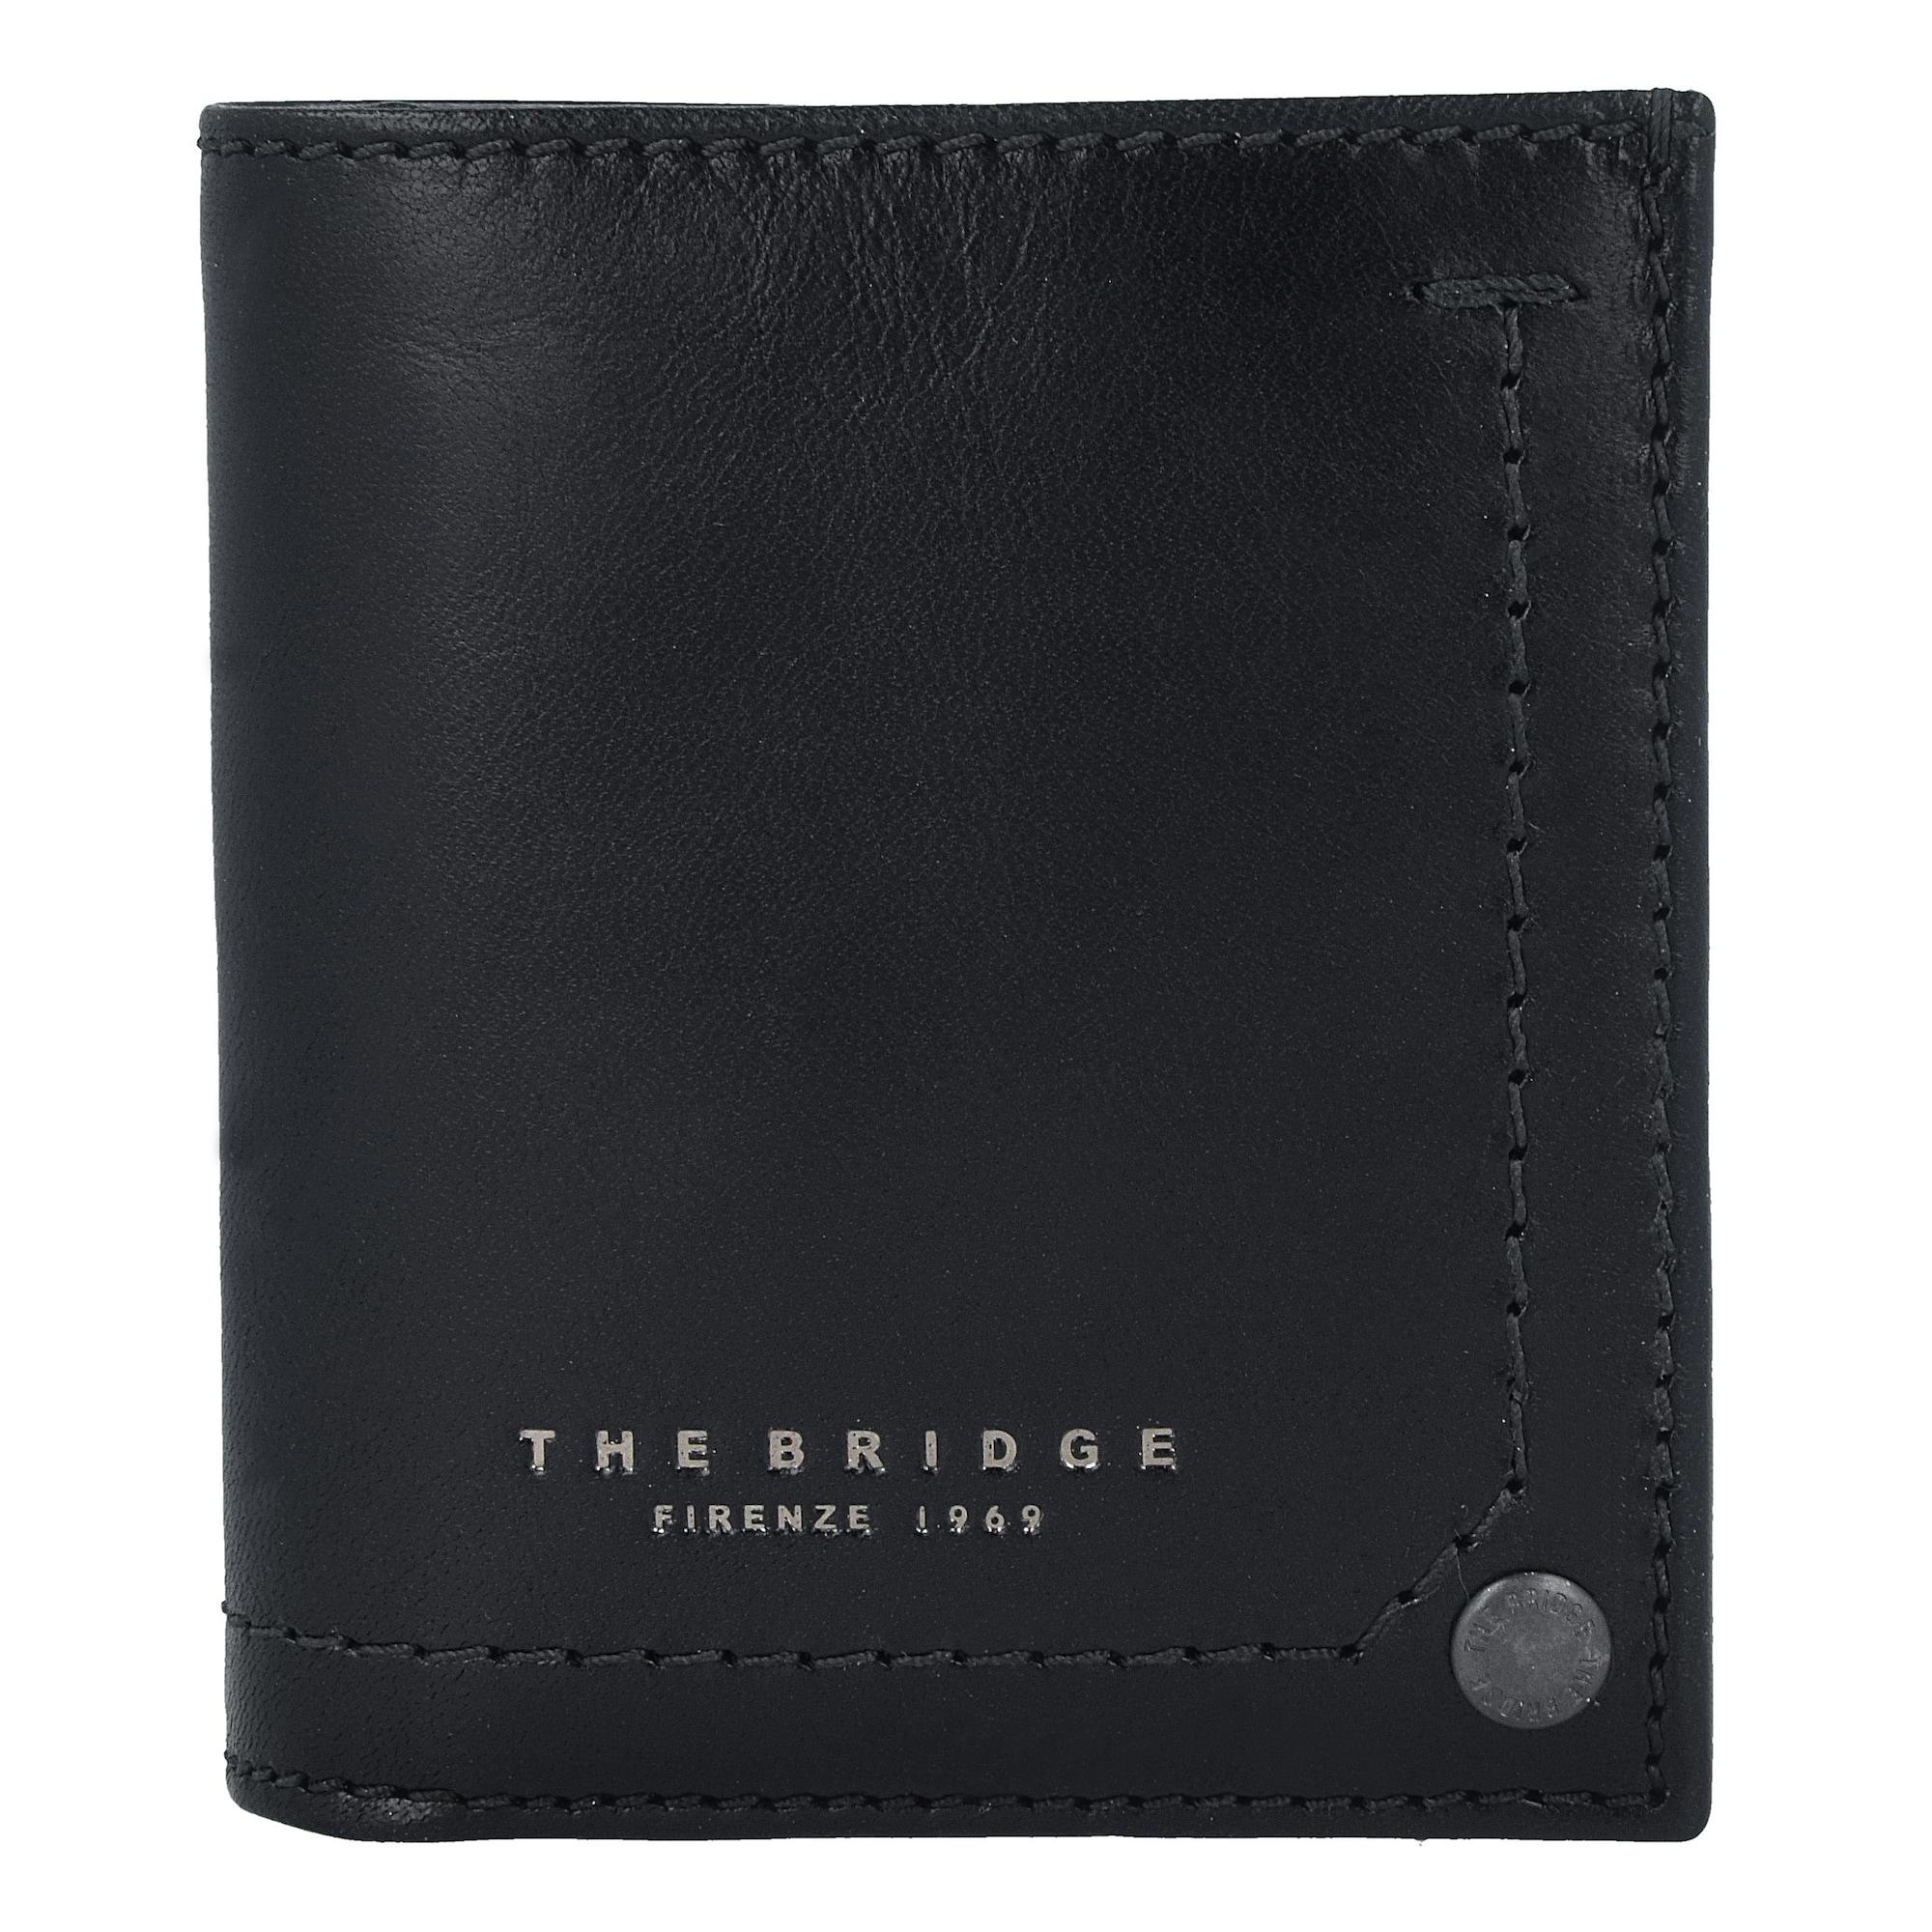 'Kallio' Geldbörse Leder 9 cm   Accessoires > Portemonnaies > Geldbörsen   The Bridge